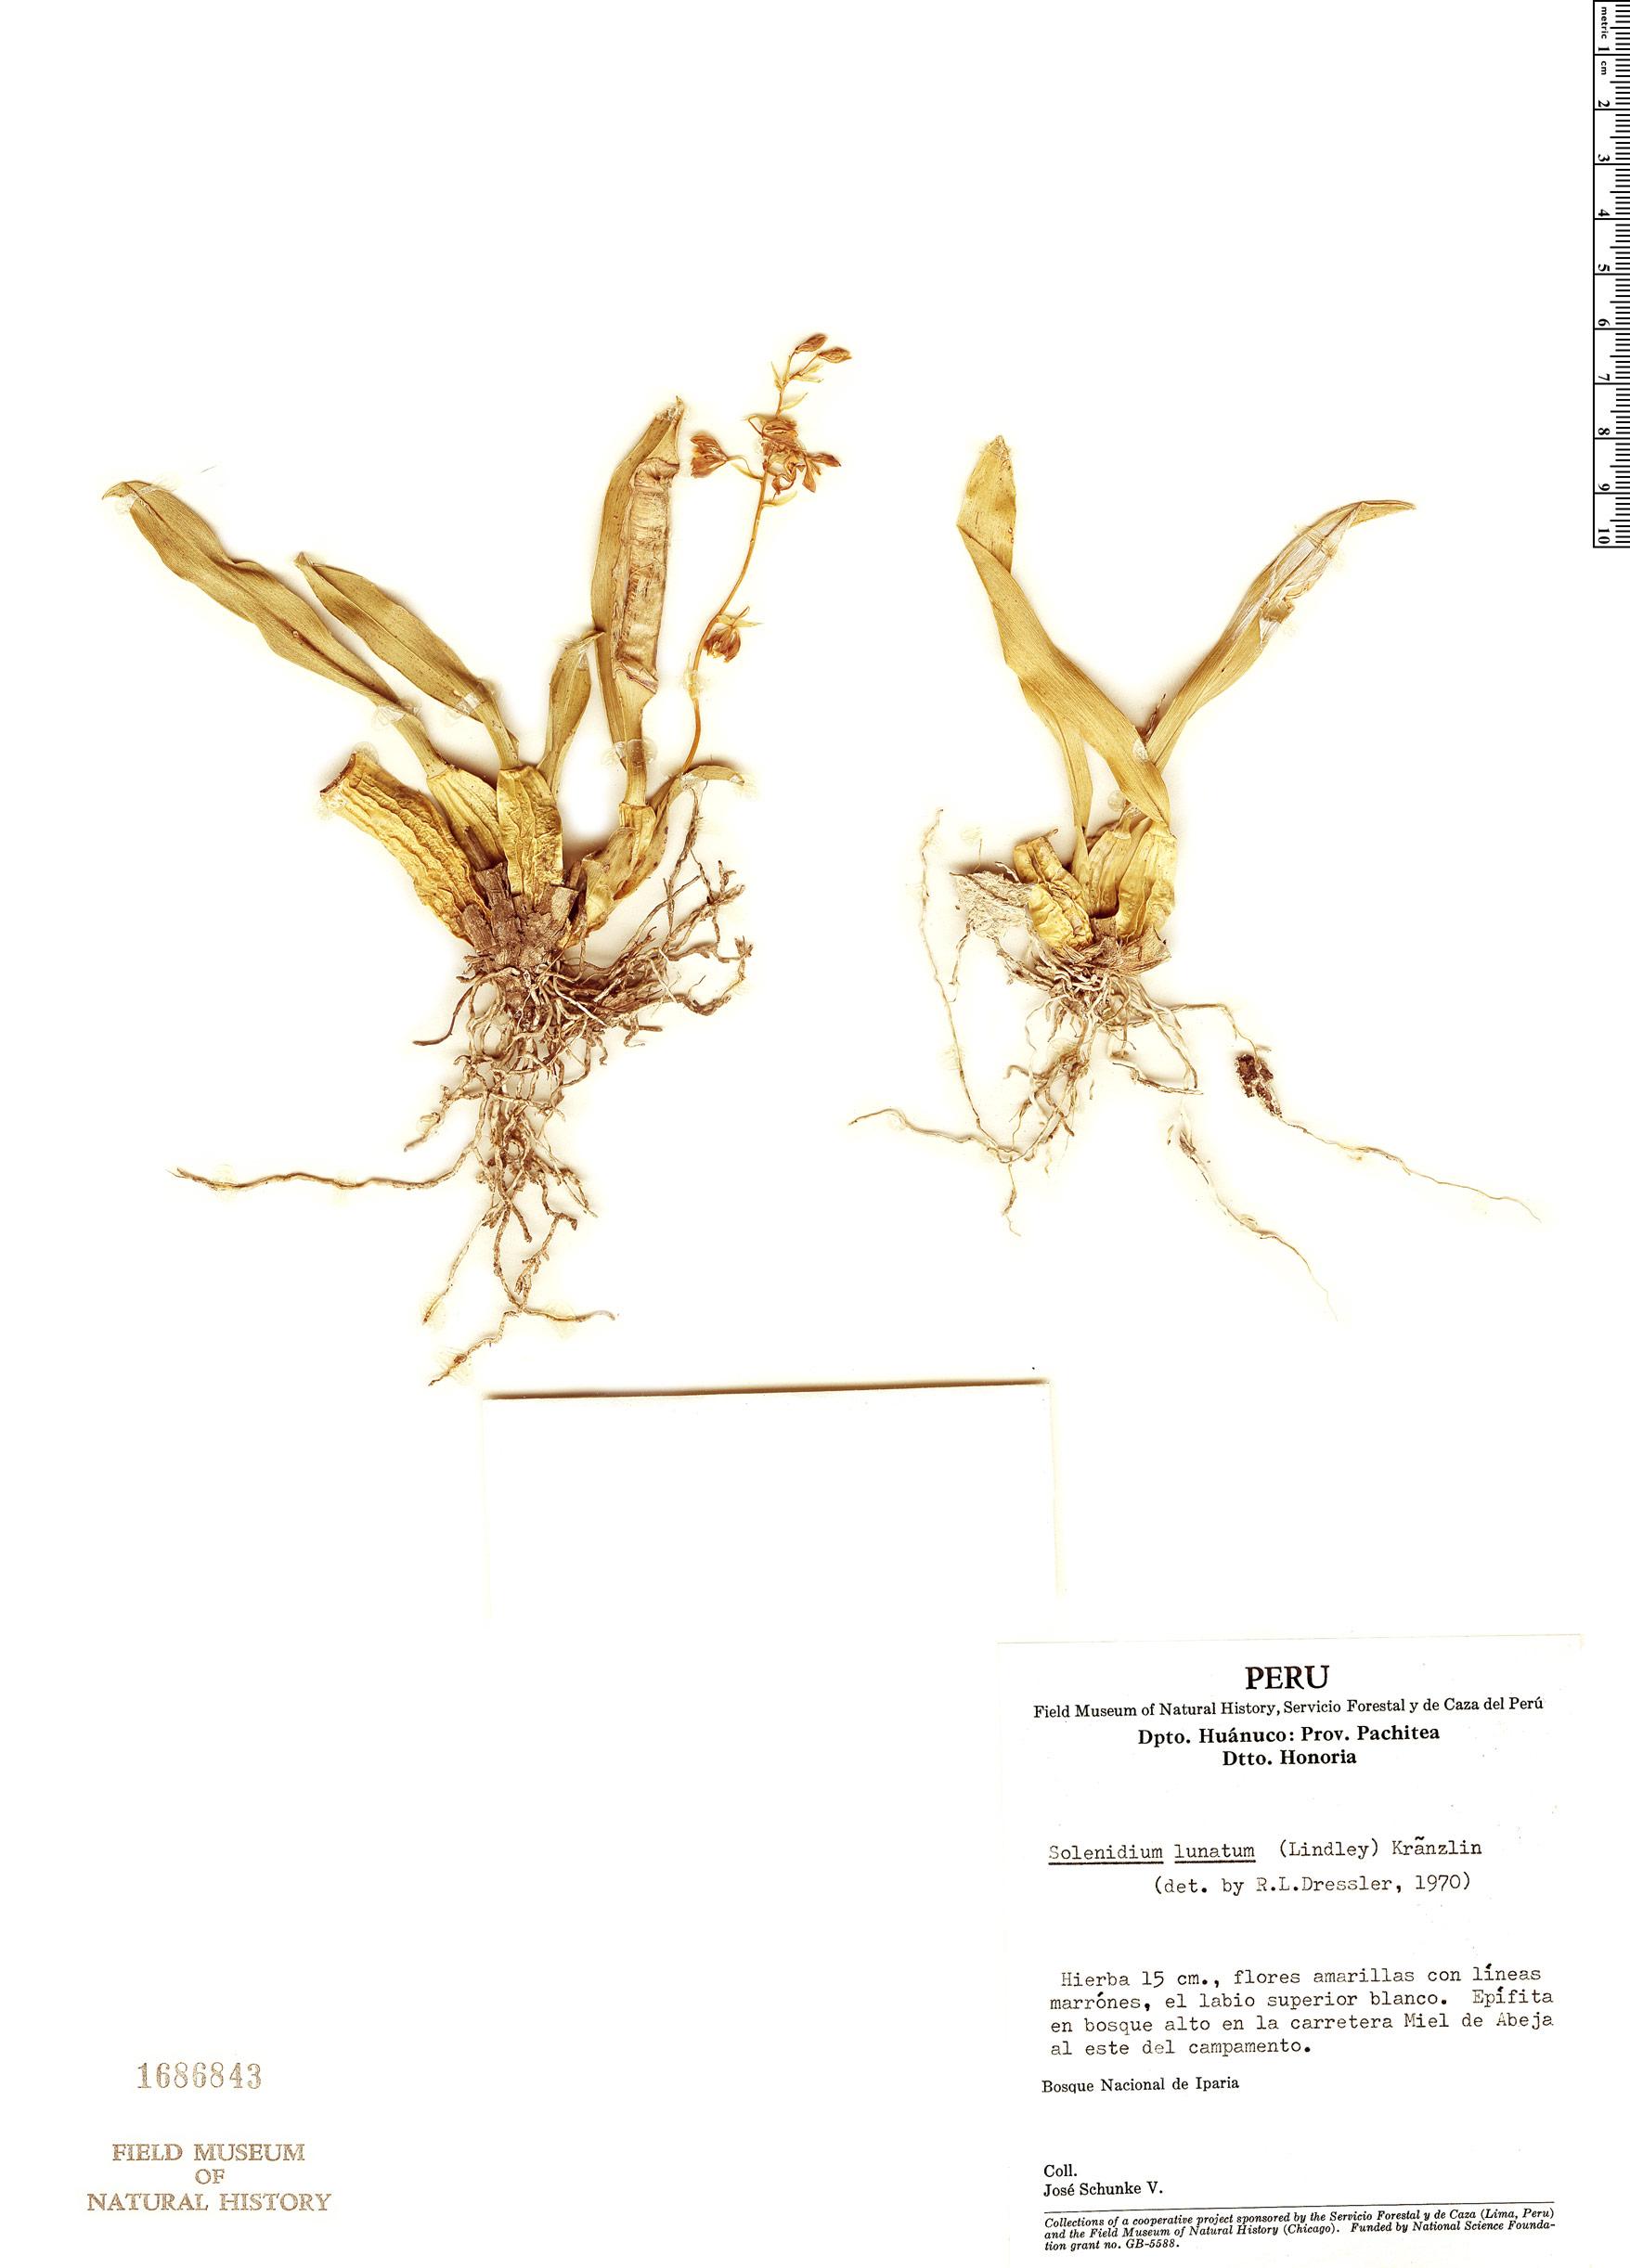 Specimen: Solenidium lunatum